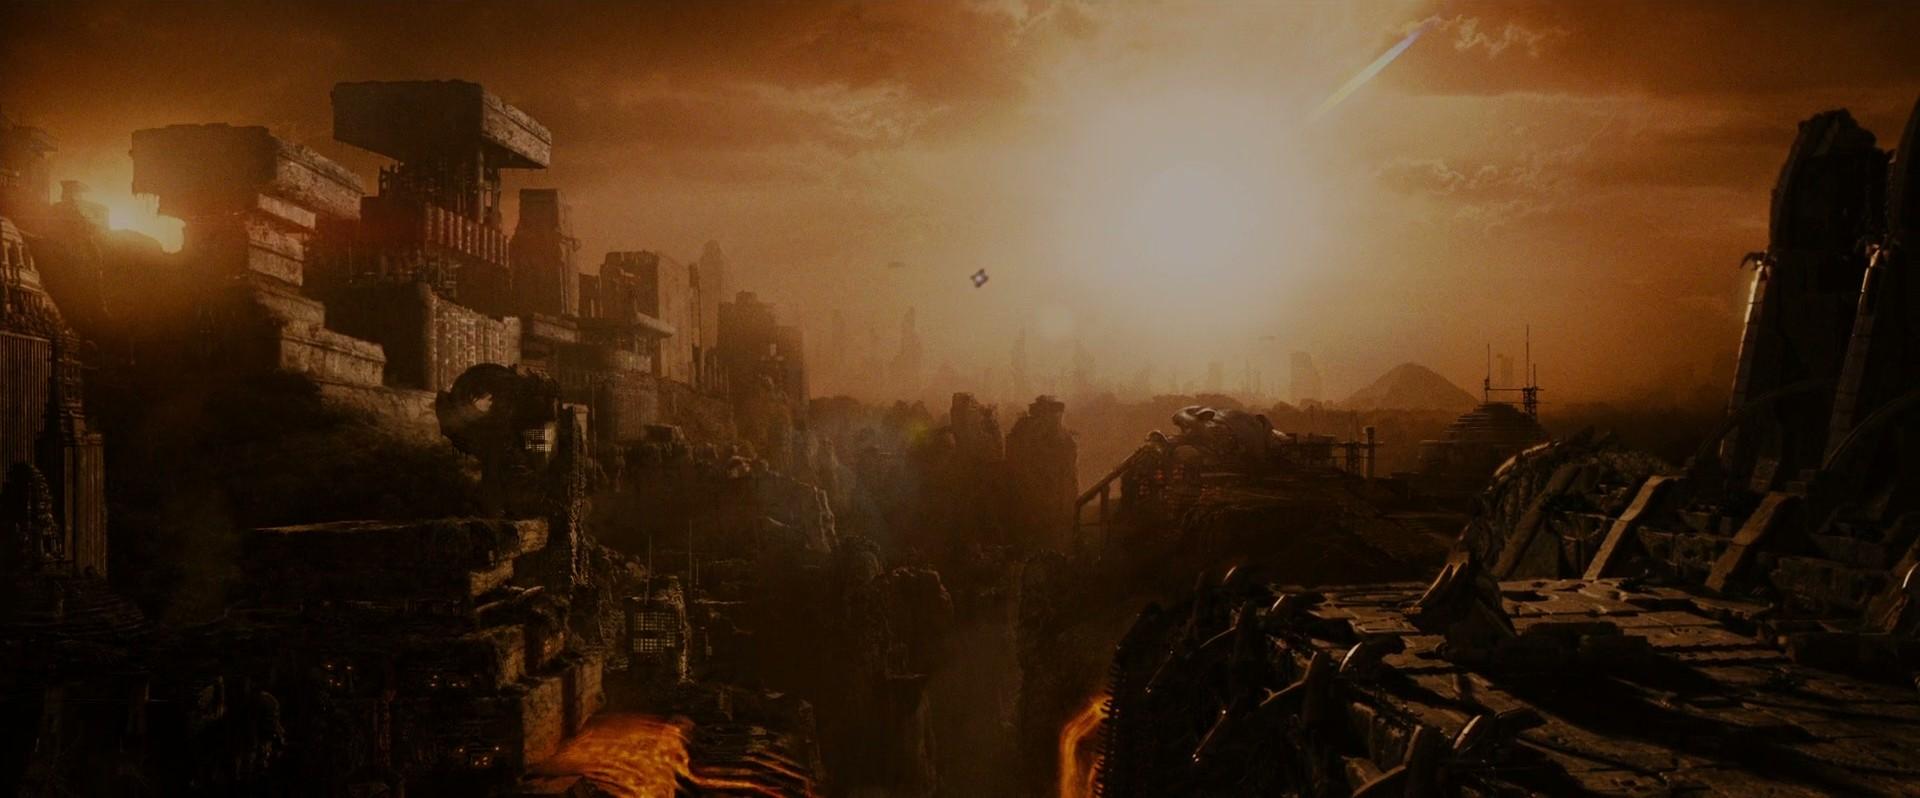 Yautja Prime - Xenopedia - The Alien vs. Predator Wiki